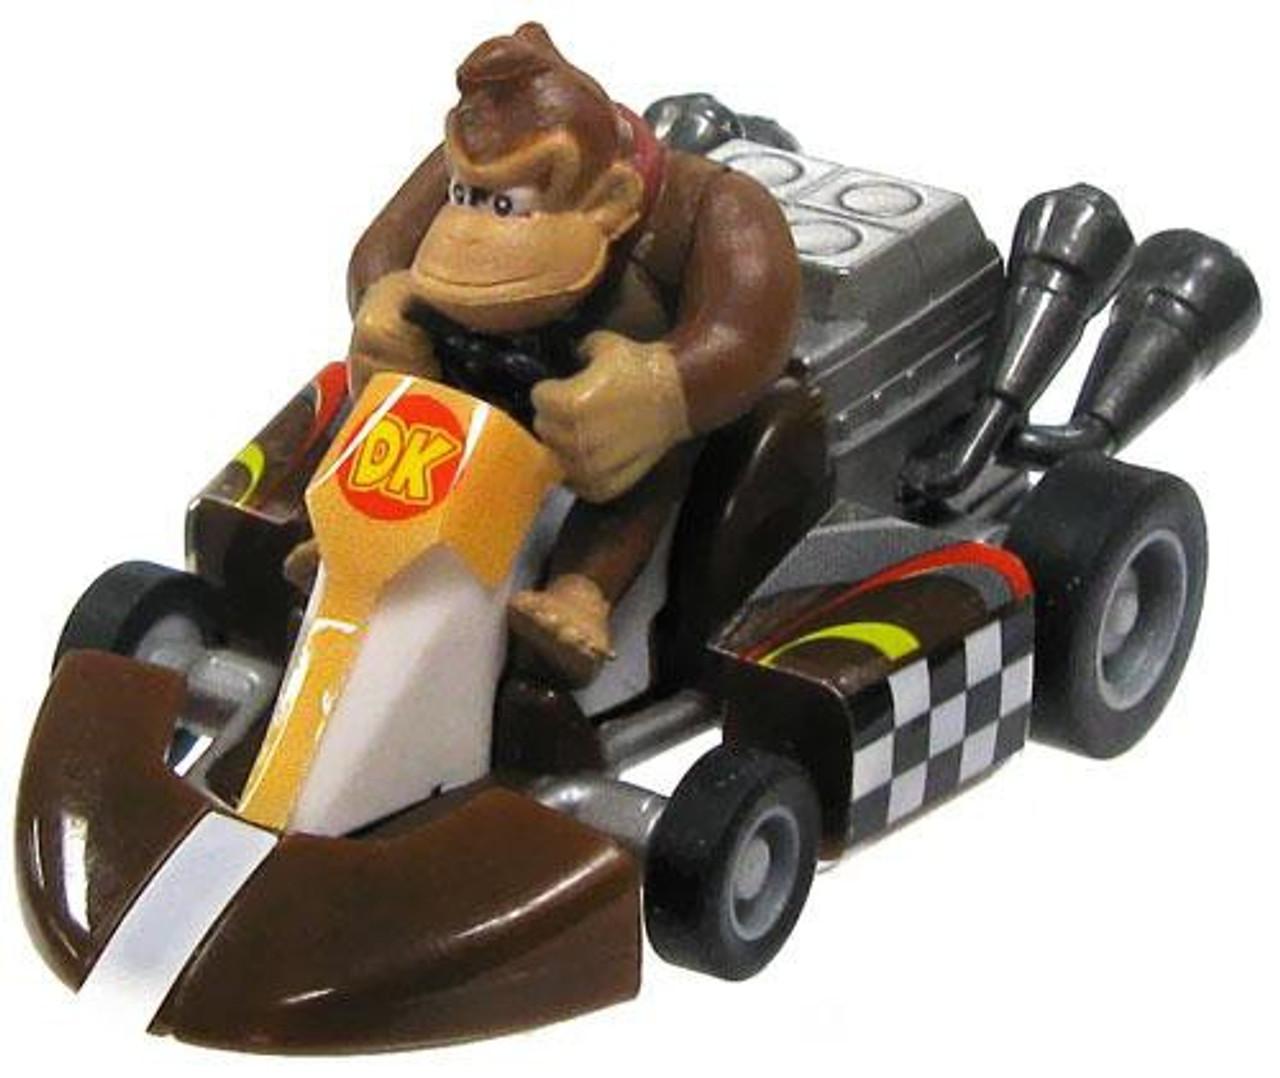 Mario Kart pull back Racer Donkey Kong